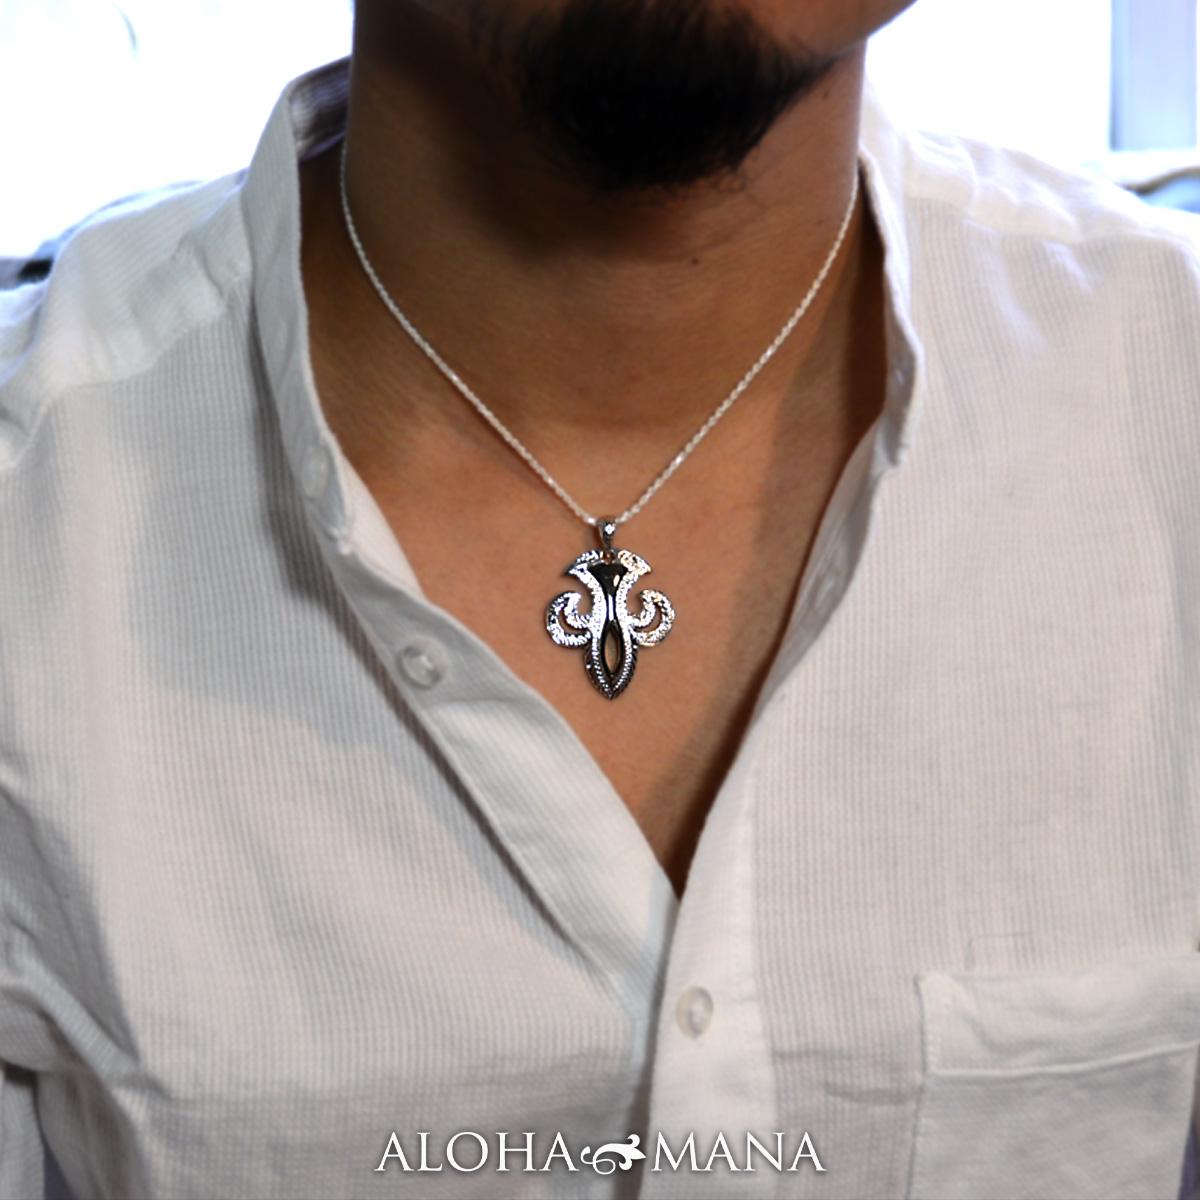 ハワイアンジュエリー ネックレス メンズ シルバー ユニークな十字架のハワイアンクロス ペンダント シルバー 925 チェーン付き ペンダント ネックレス bpd1553/新作